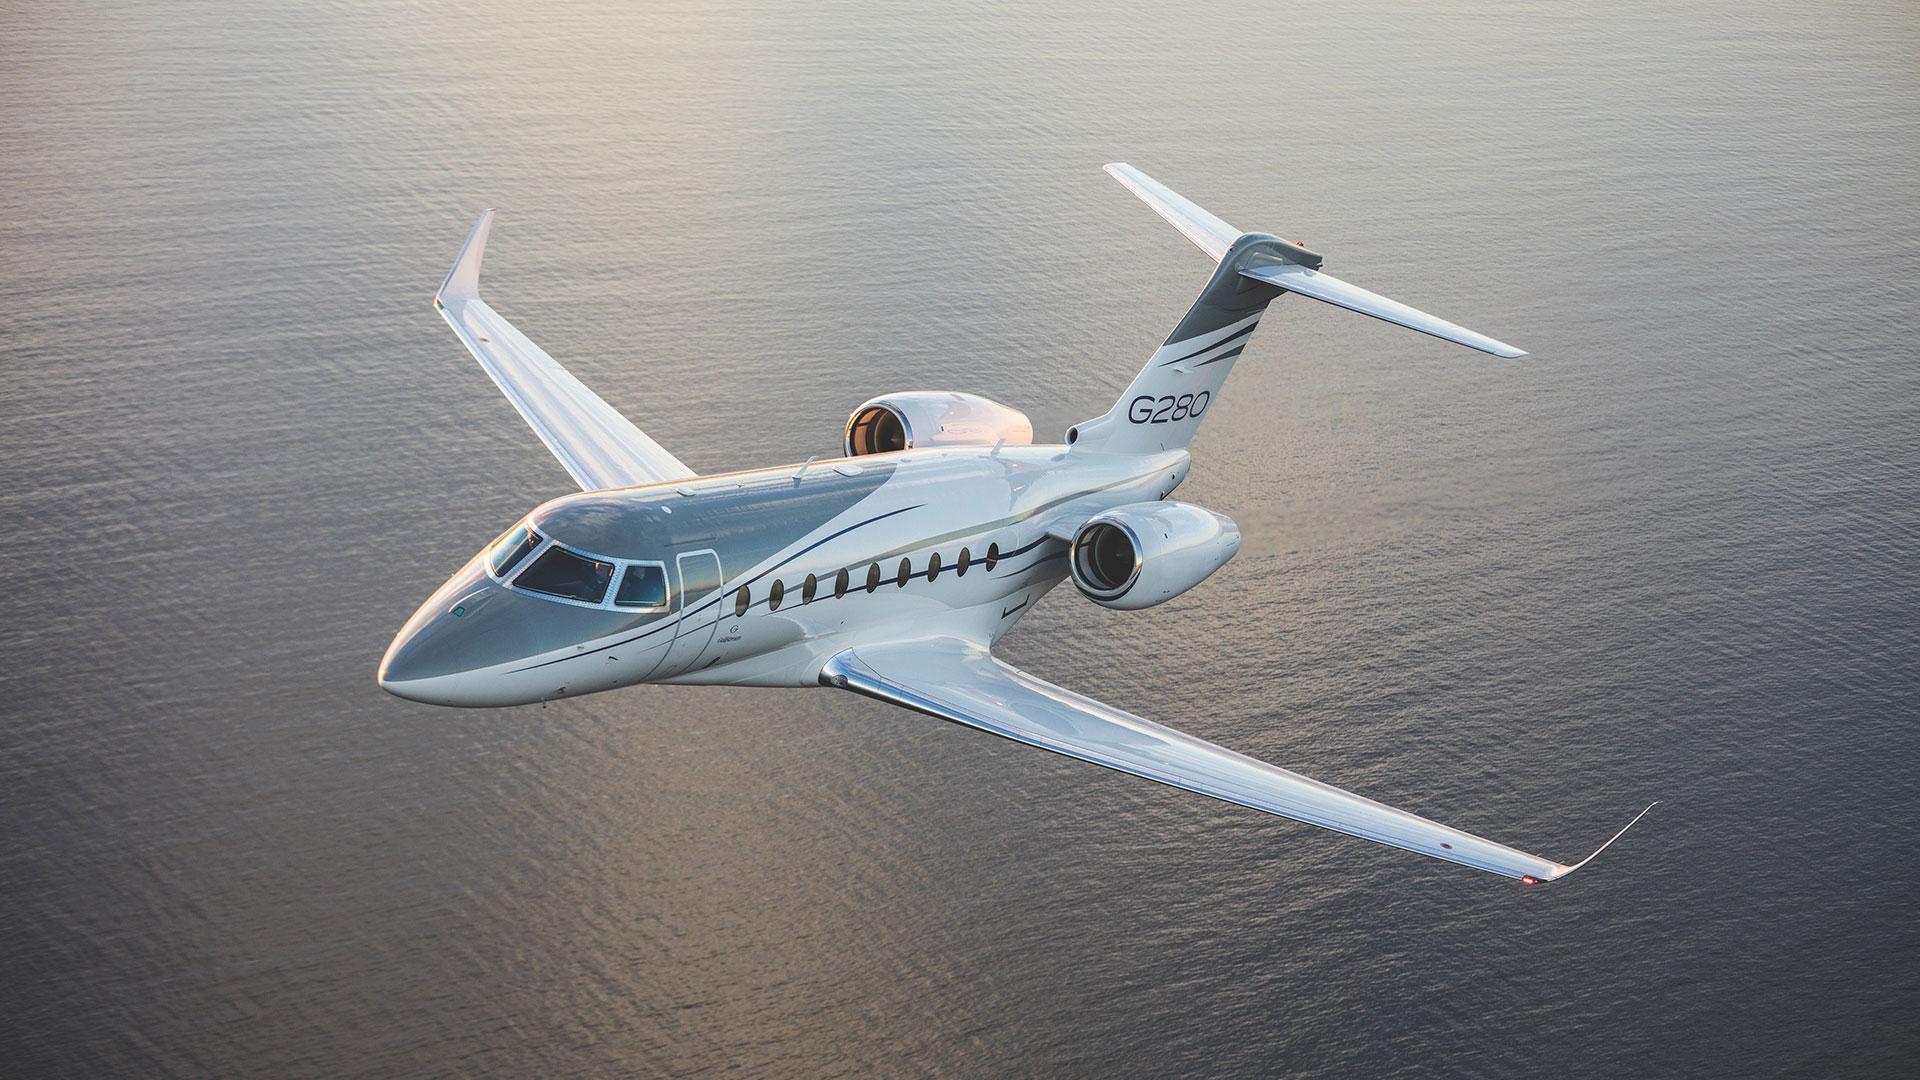 G200 3 - Gulfstream G-280